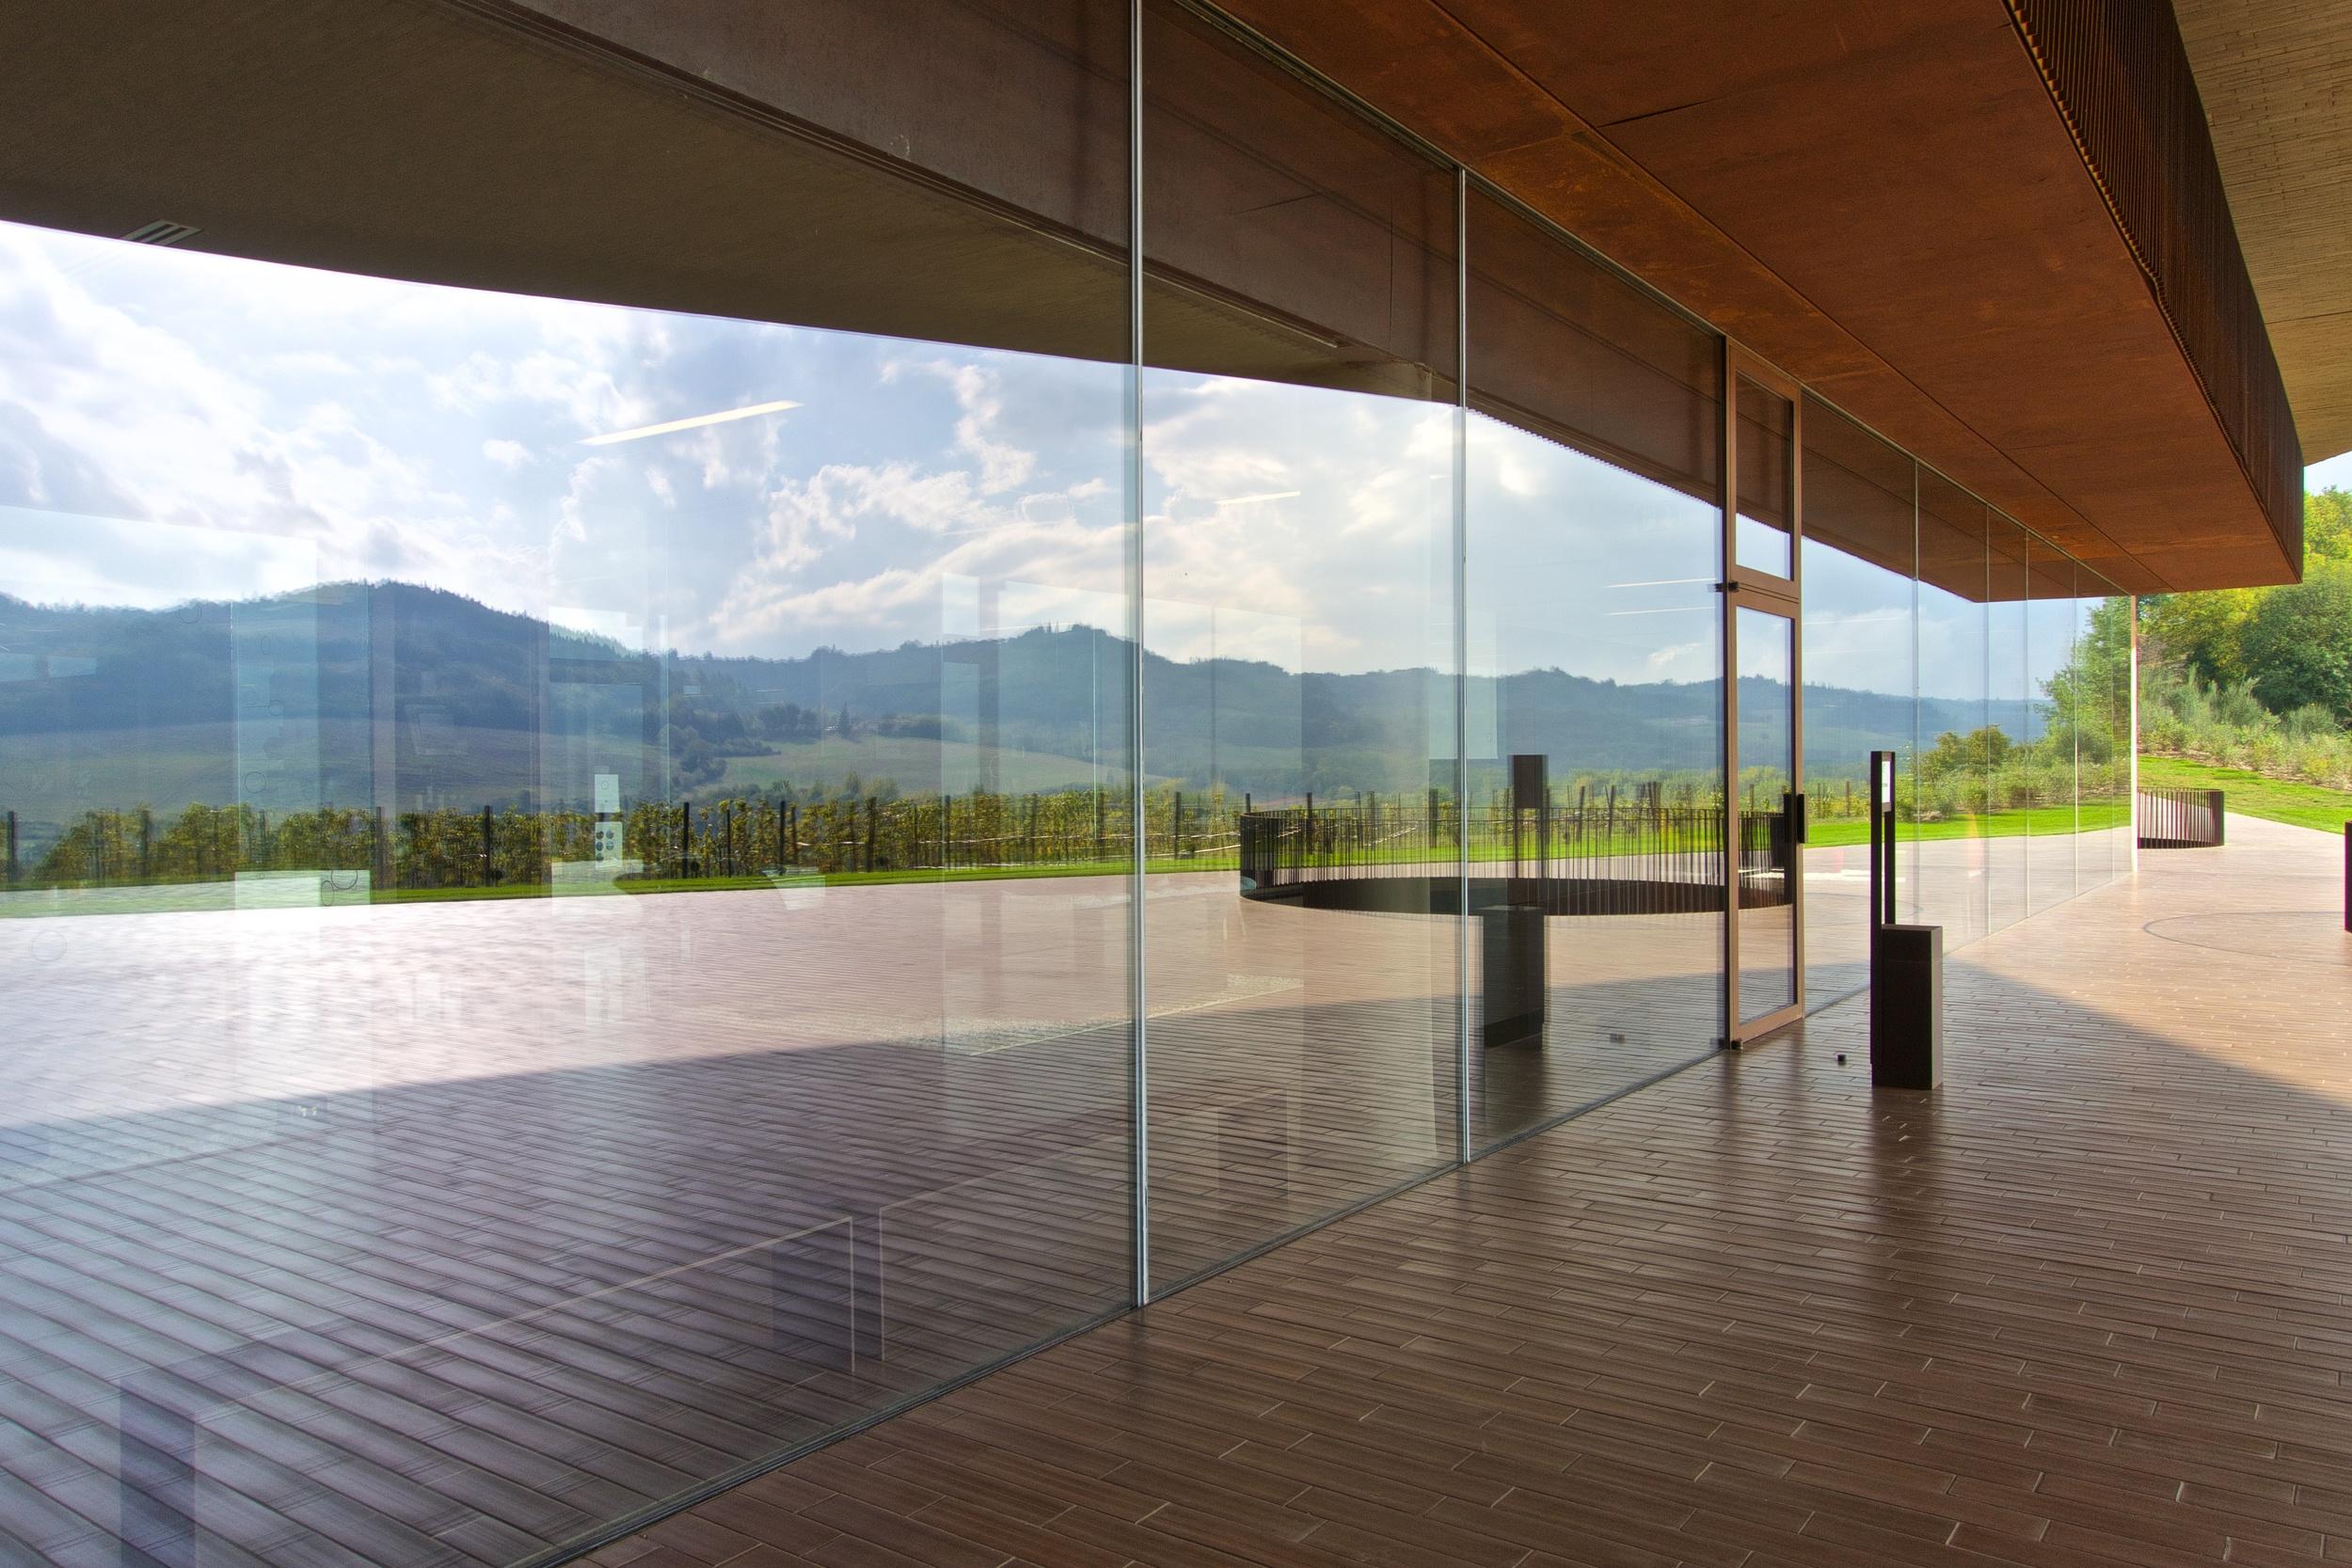 Reflection from Antinori Winery, Chianti